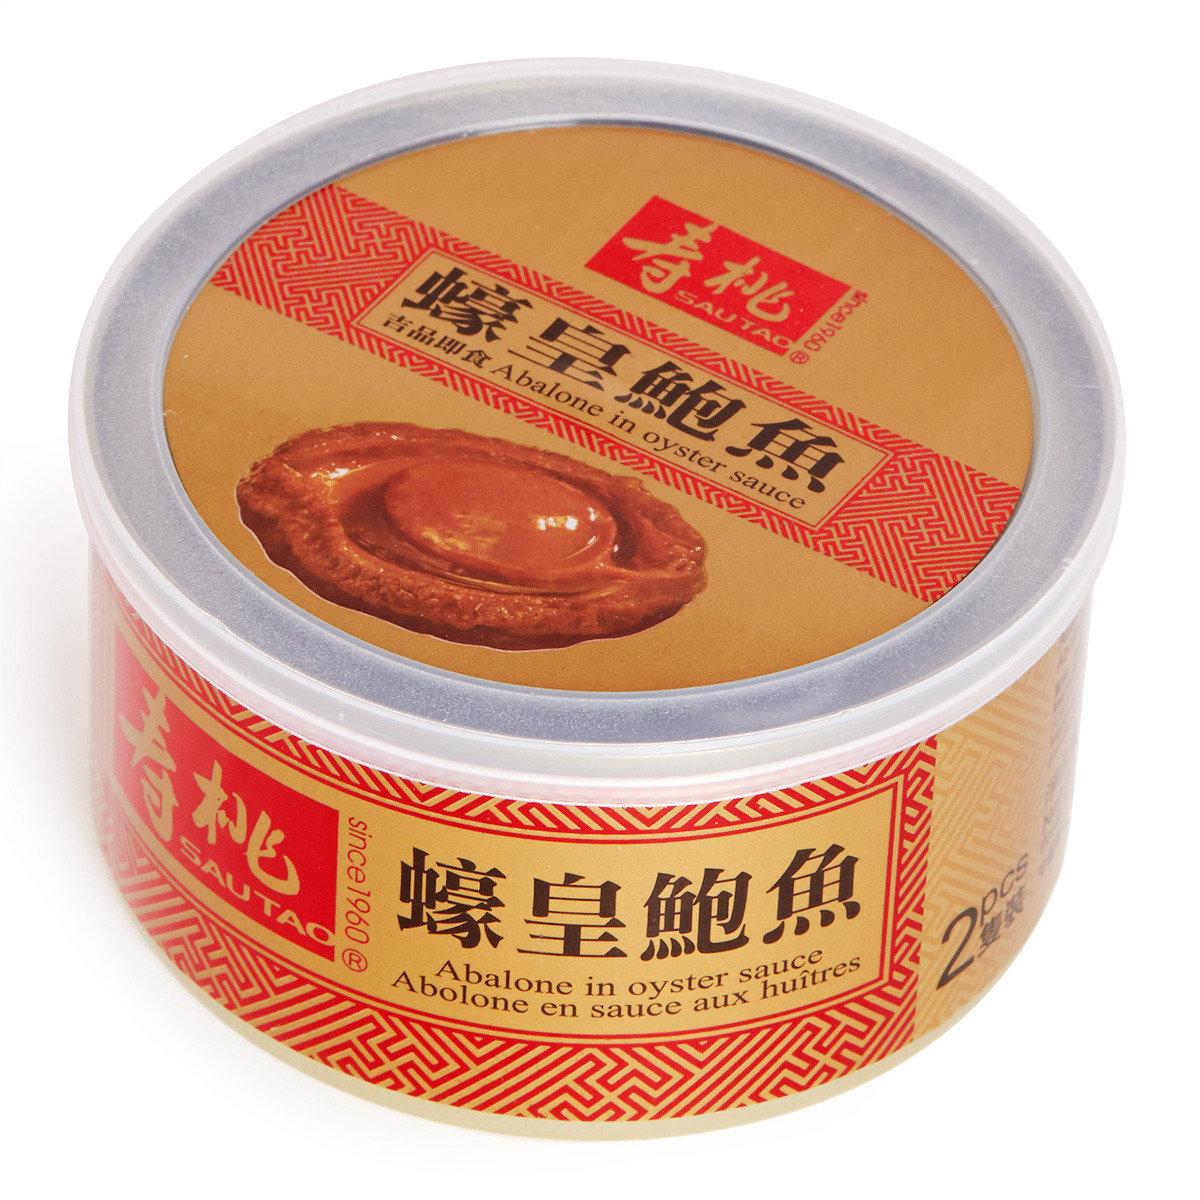 罐裝吉品蠔皇即食鮑魚